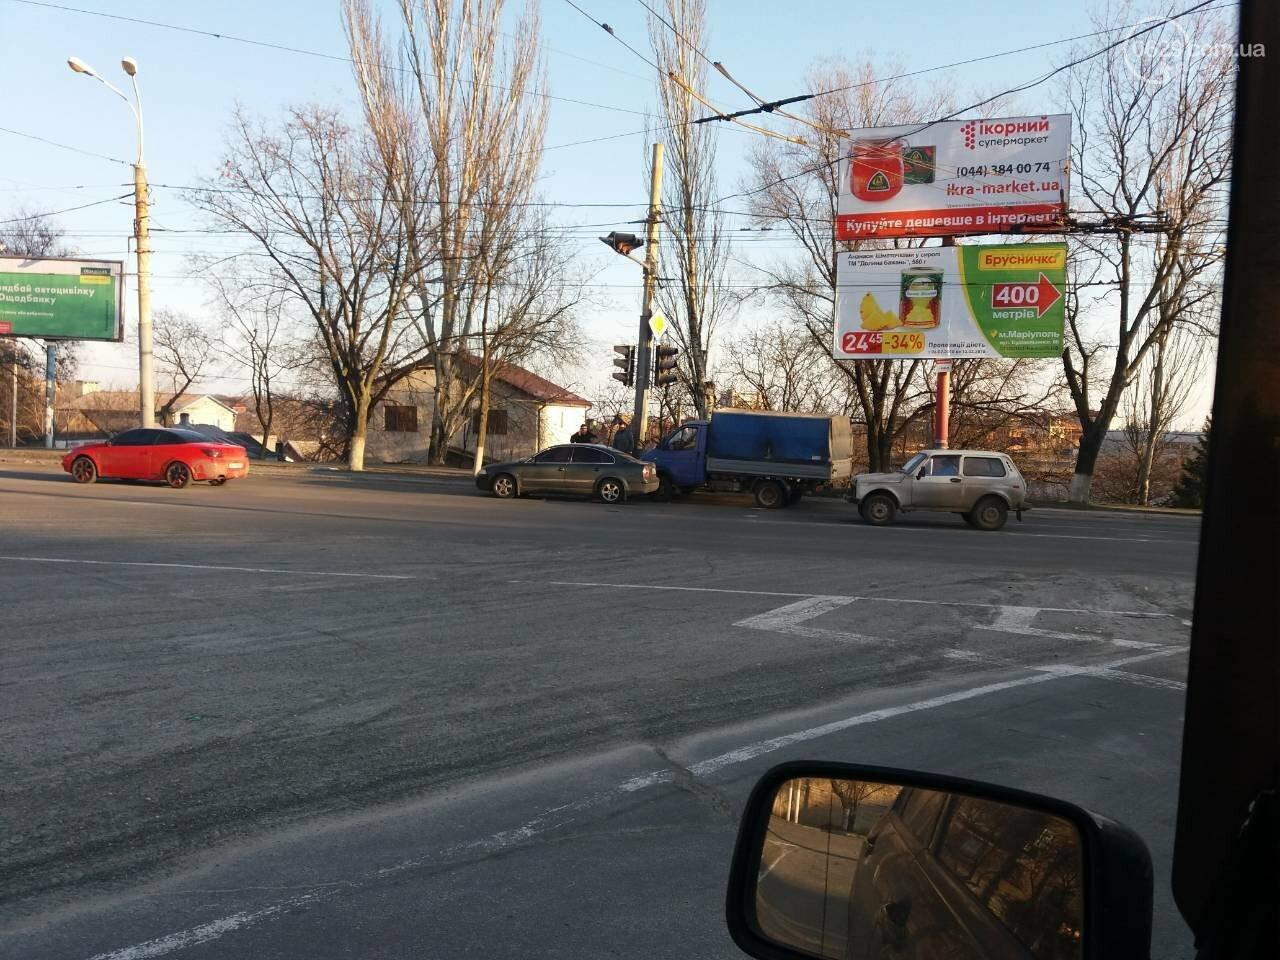 """В Мариуполе на перекрестке столкнулись """"Газель"""" и """"Фольксваген"""" (ФОТО), фото-1"""